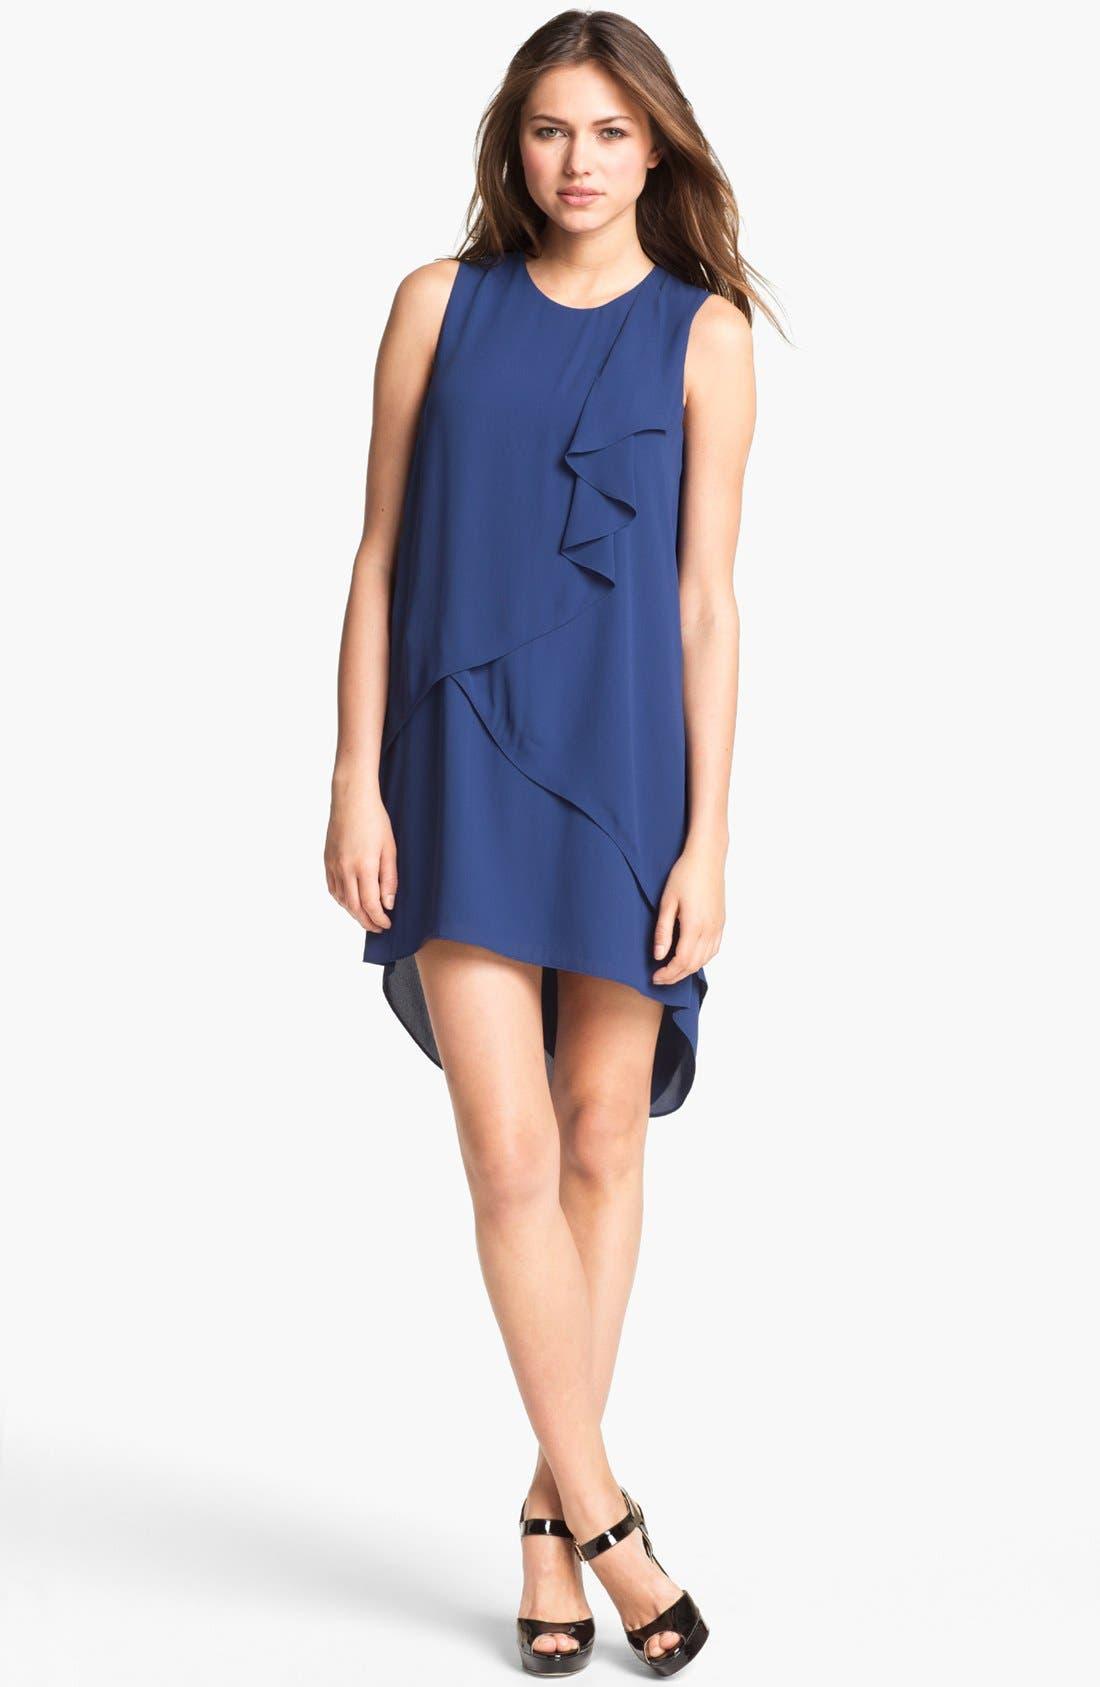 Alternate Image 1 Selected - BCBGMAXAZRIA Ruffle Chiffon Dress